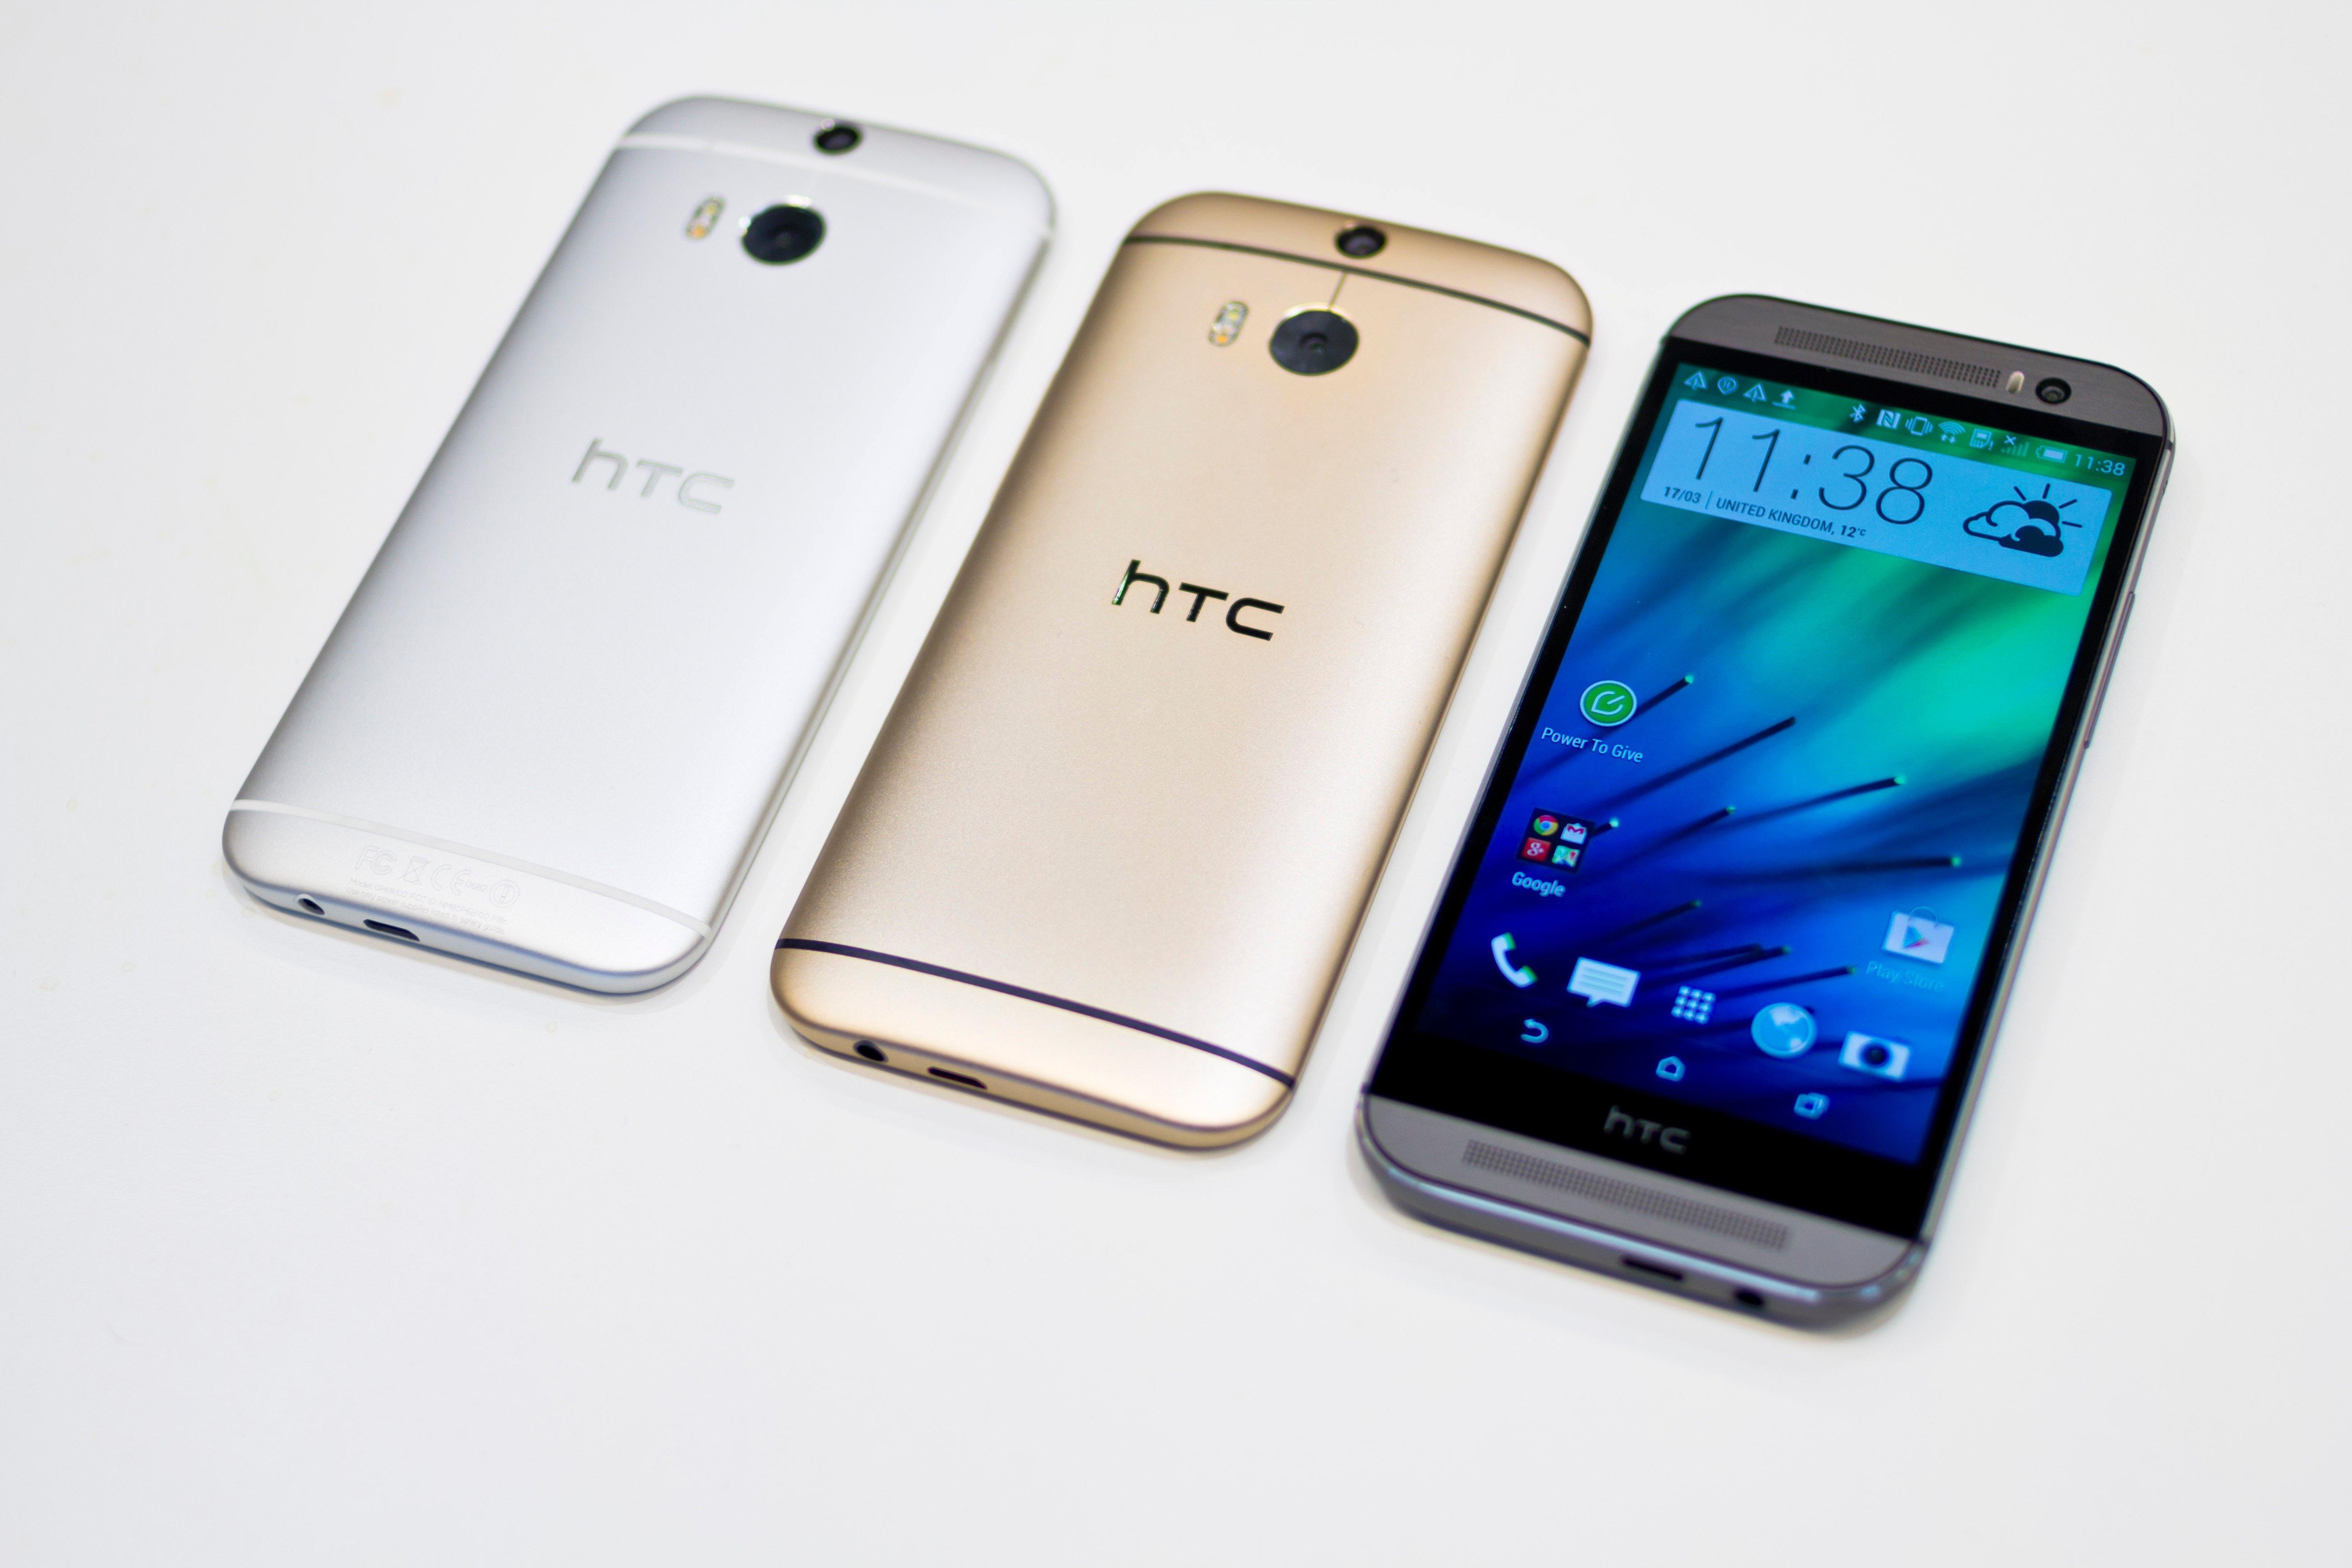 Специалисты назвали 5 телефонов отHTC, которые стали знаменитыми